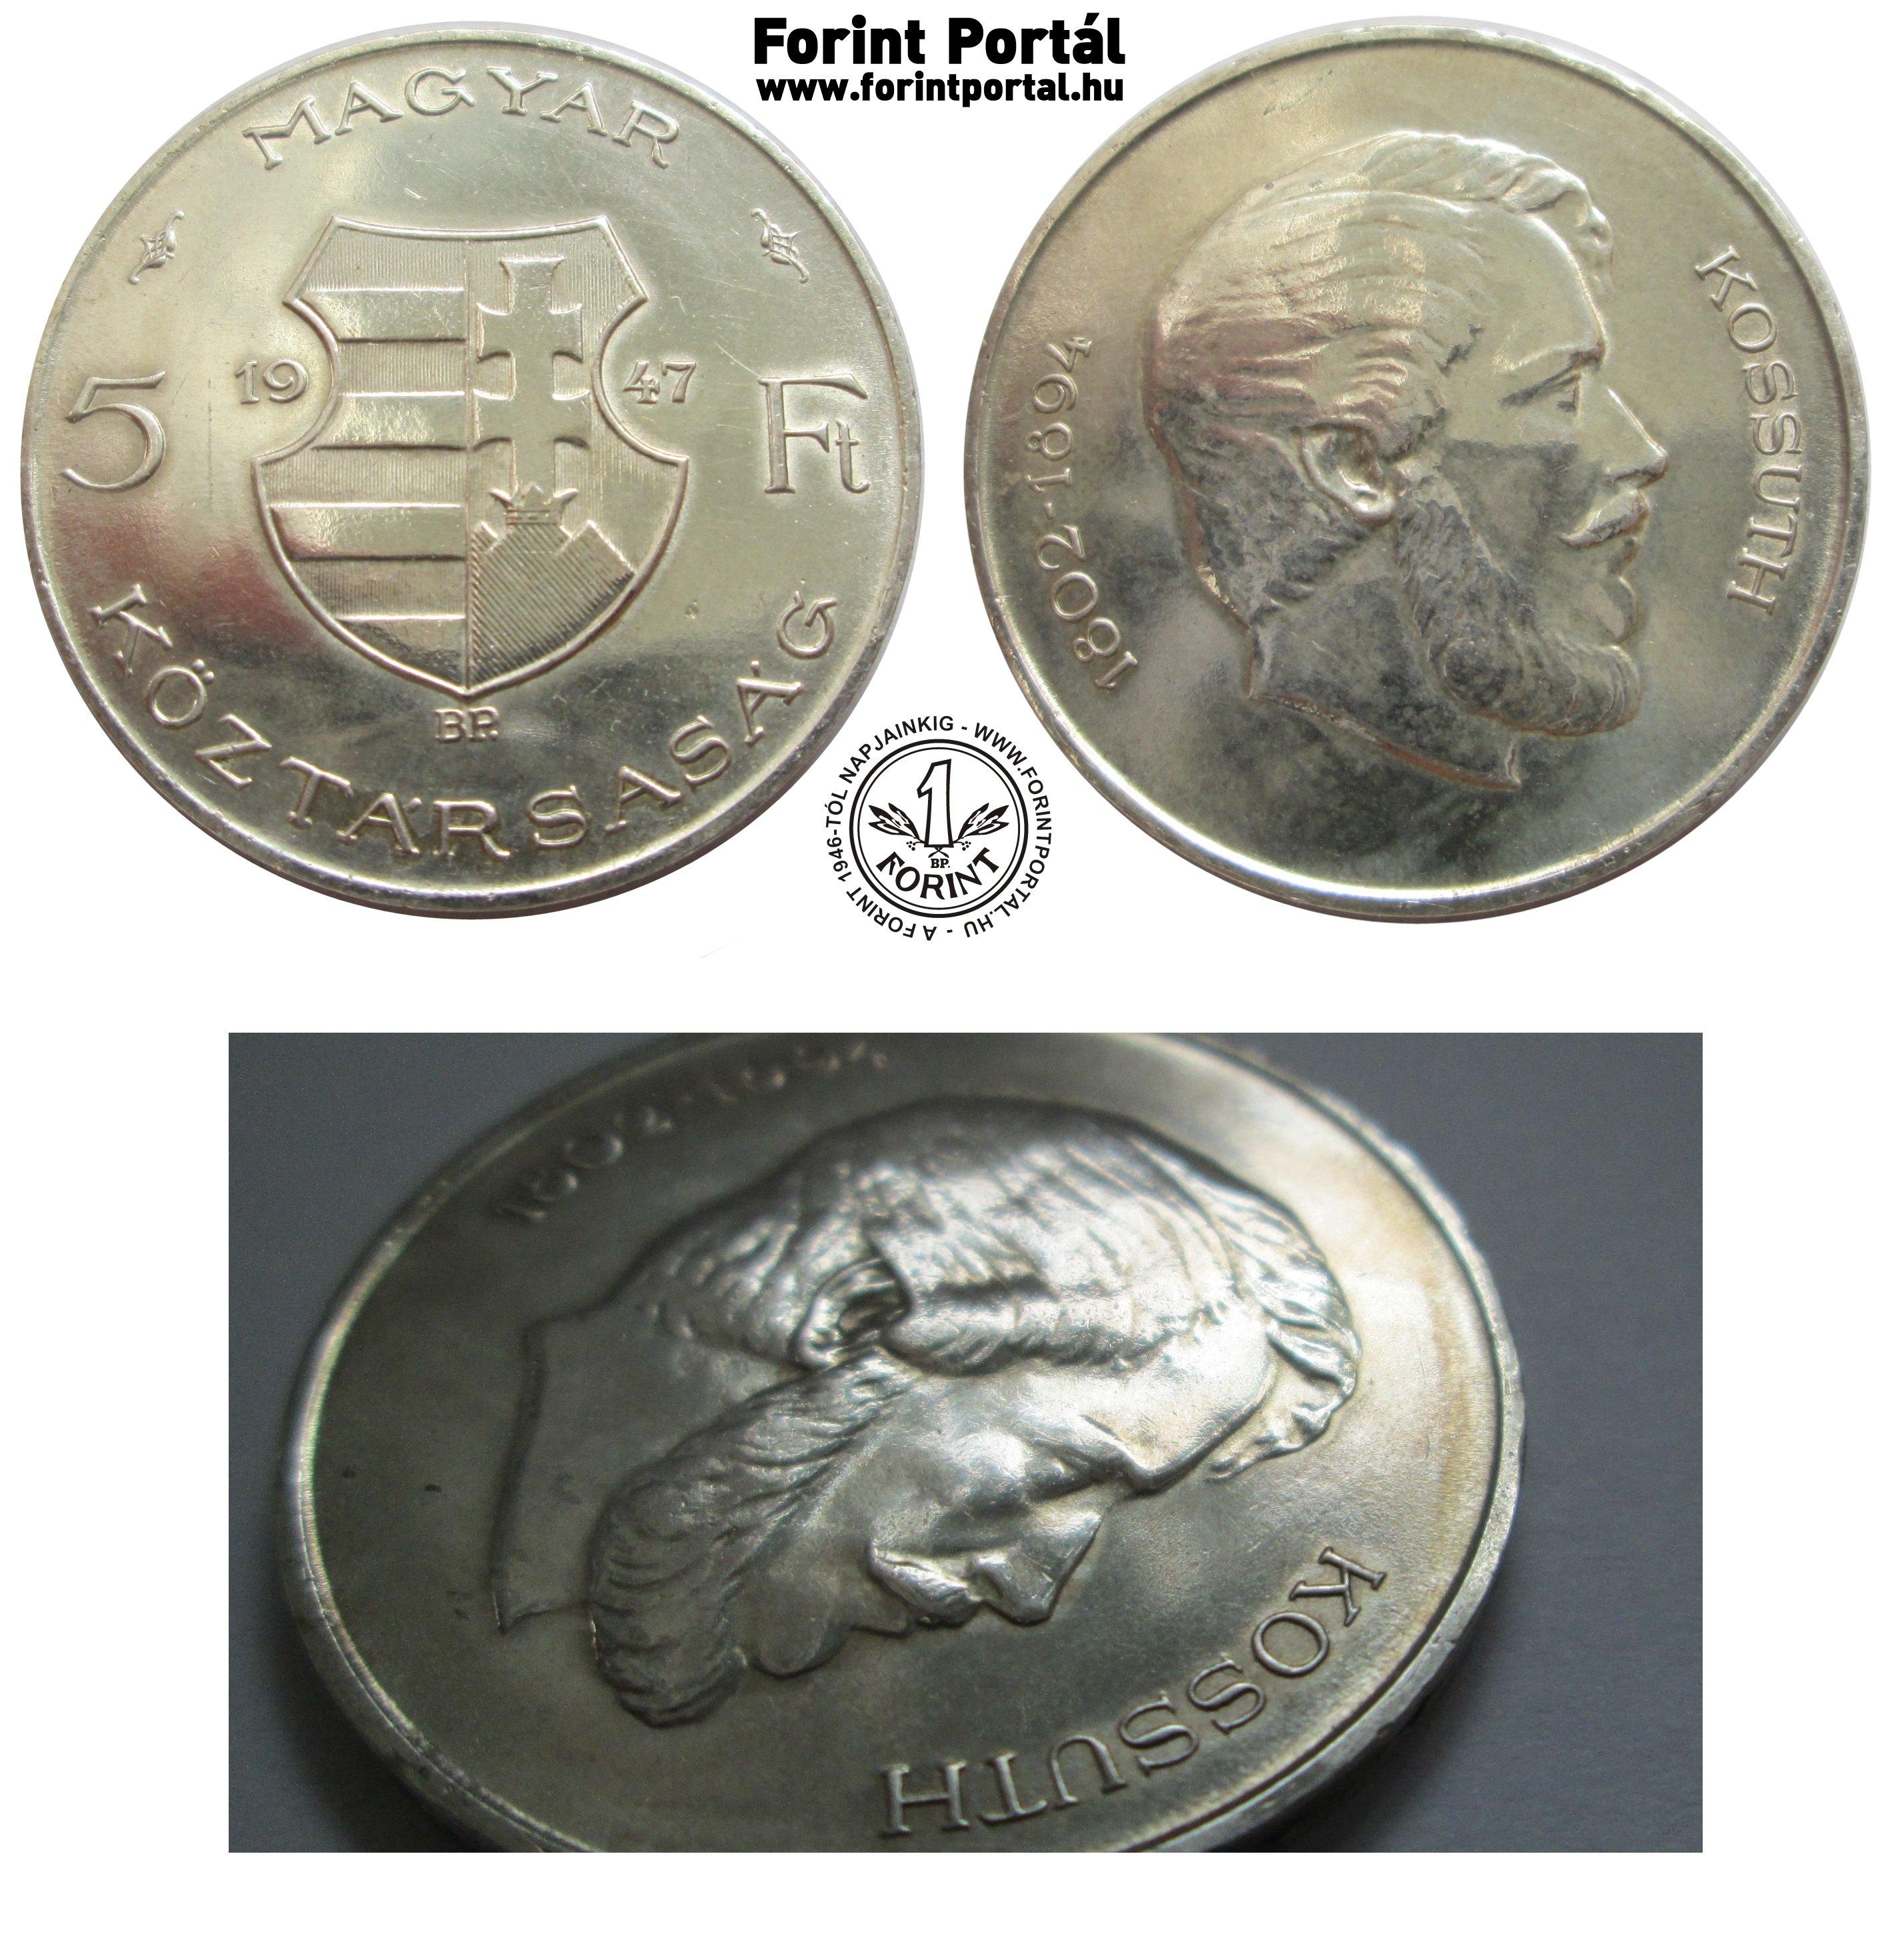 http://www.forintportal.hu/ritkasagkatalogus/5_forint/www_forintportal_hu_1947_5forint_haj_homlok_kozepig_er.jpg